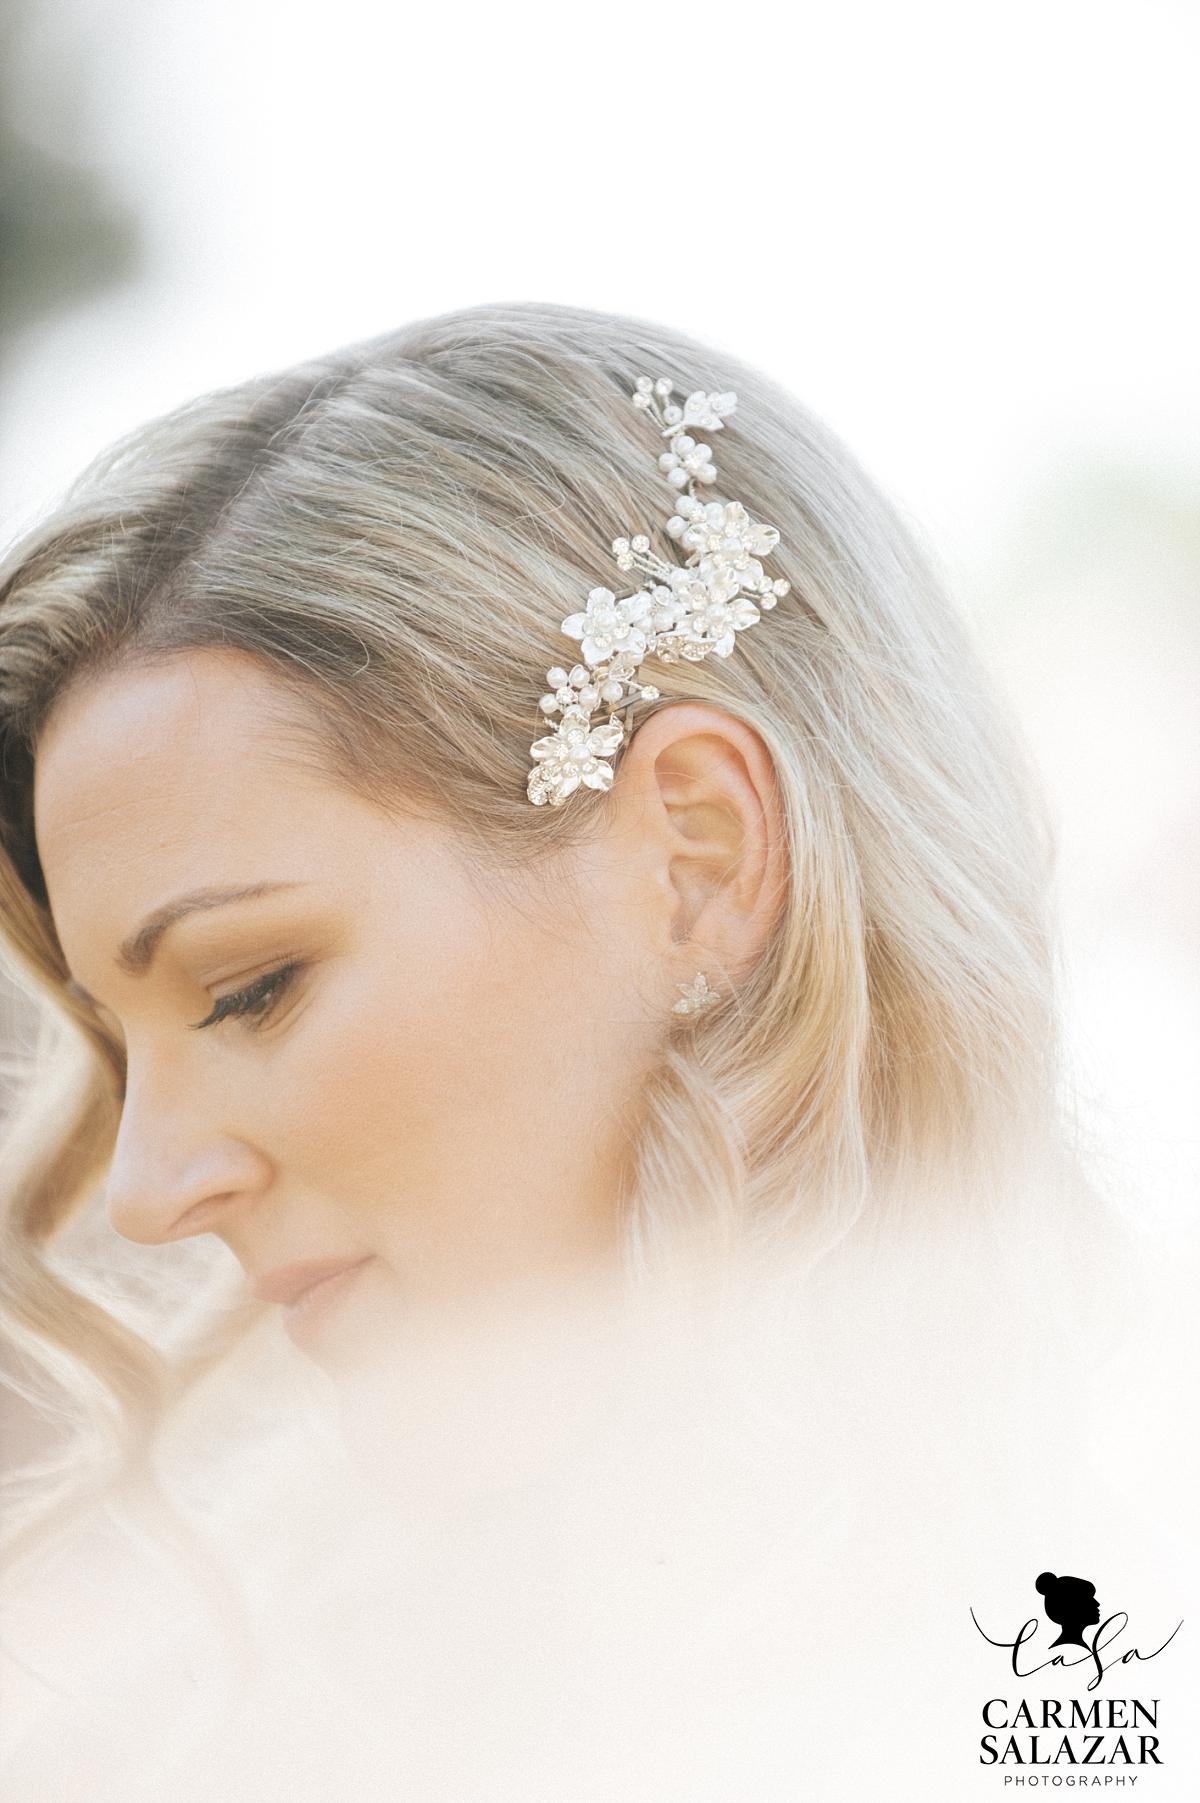 Sun-kissed bridal beauty photography - Carmen Salazar